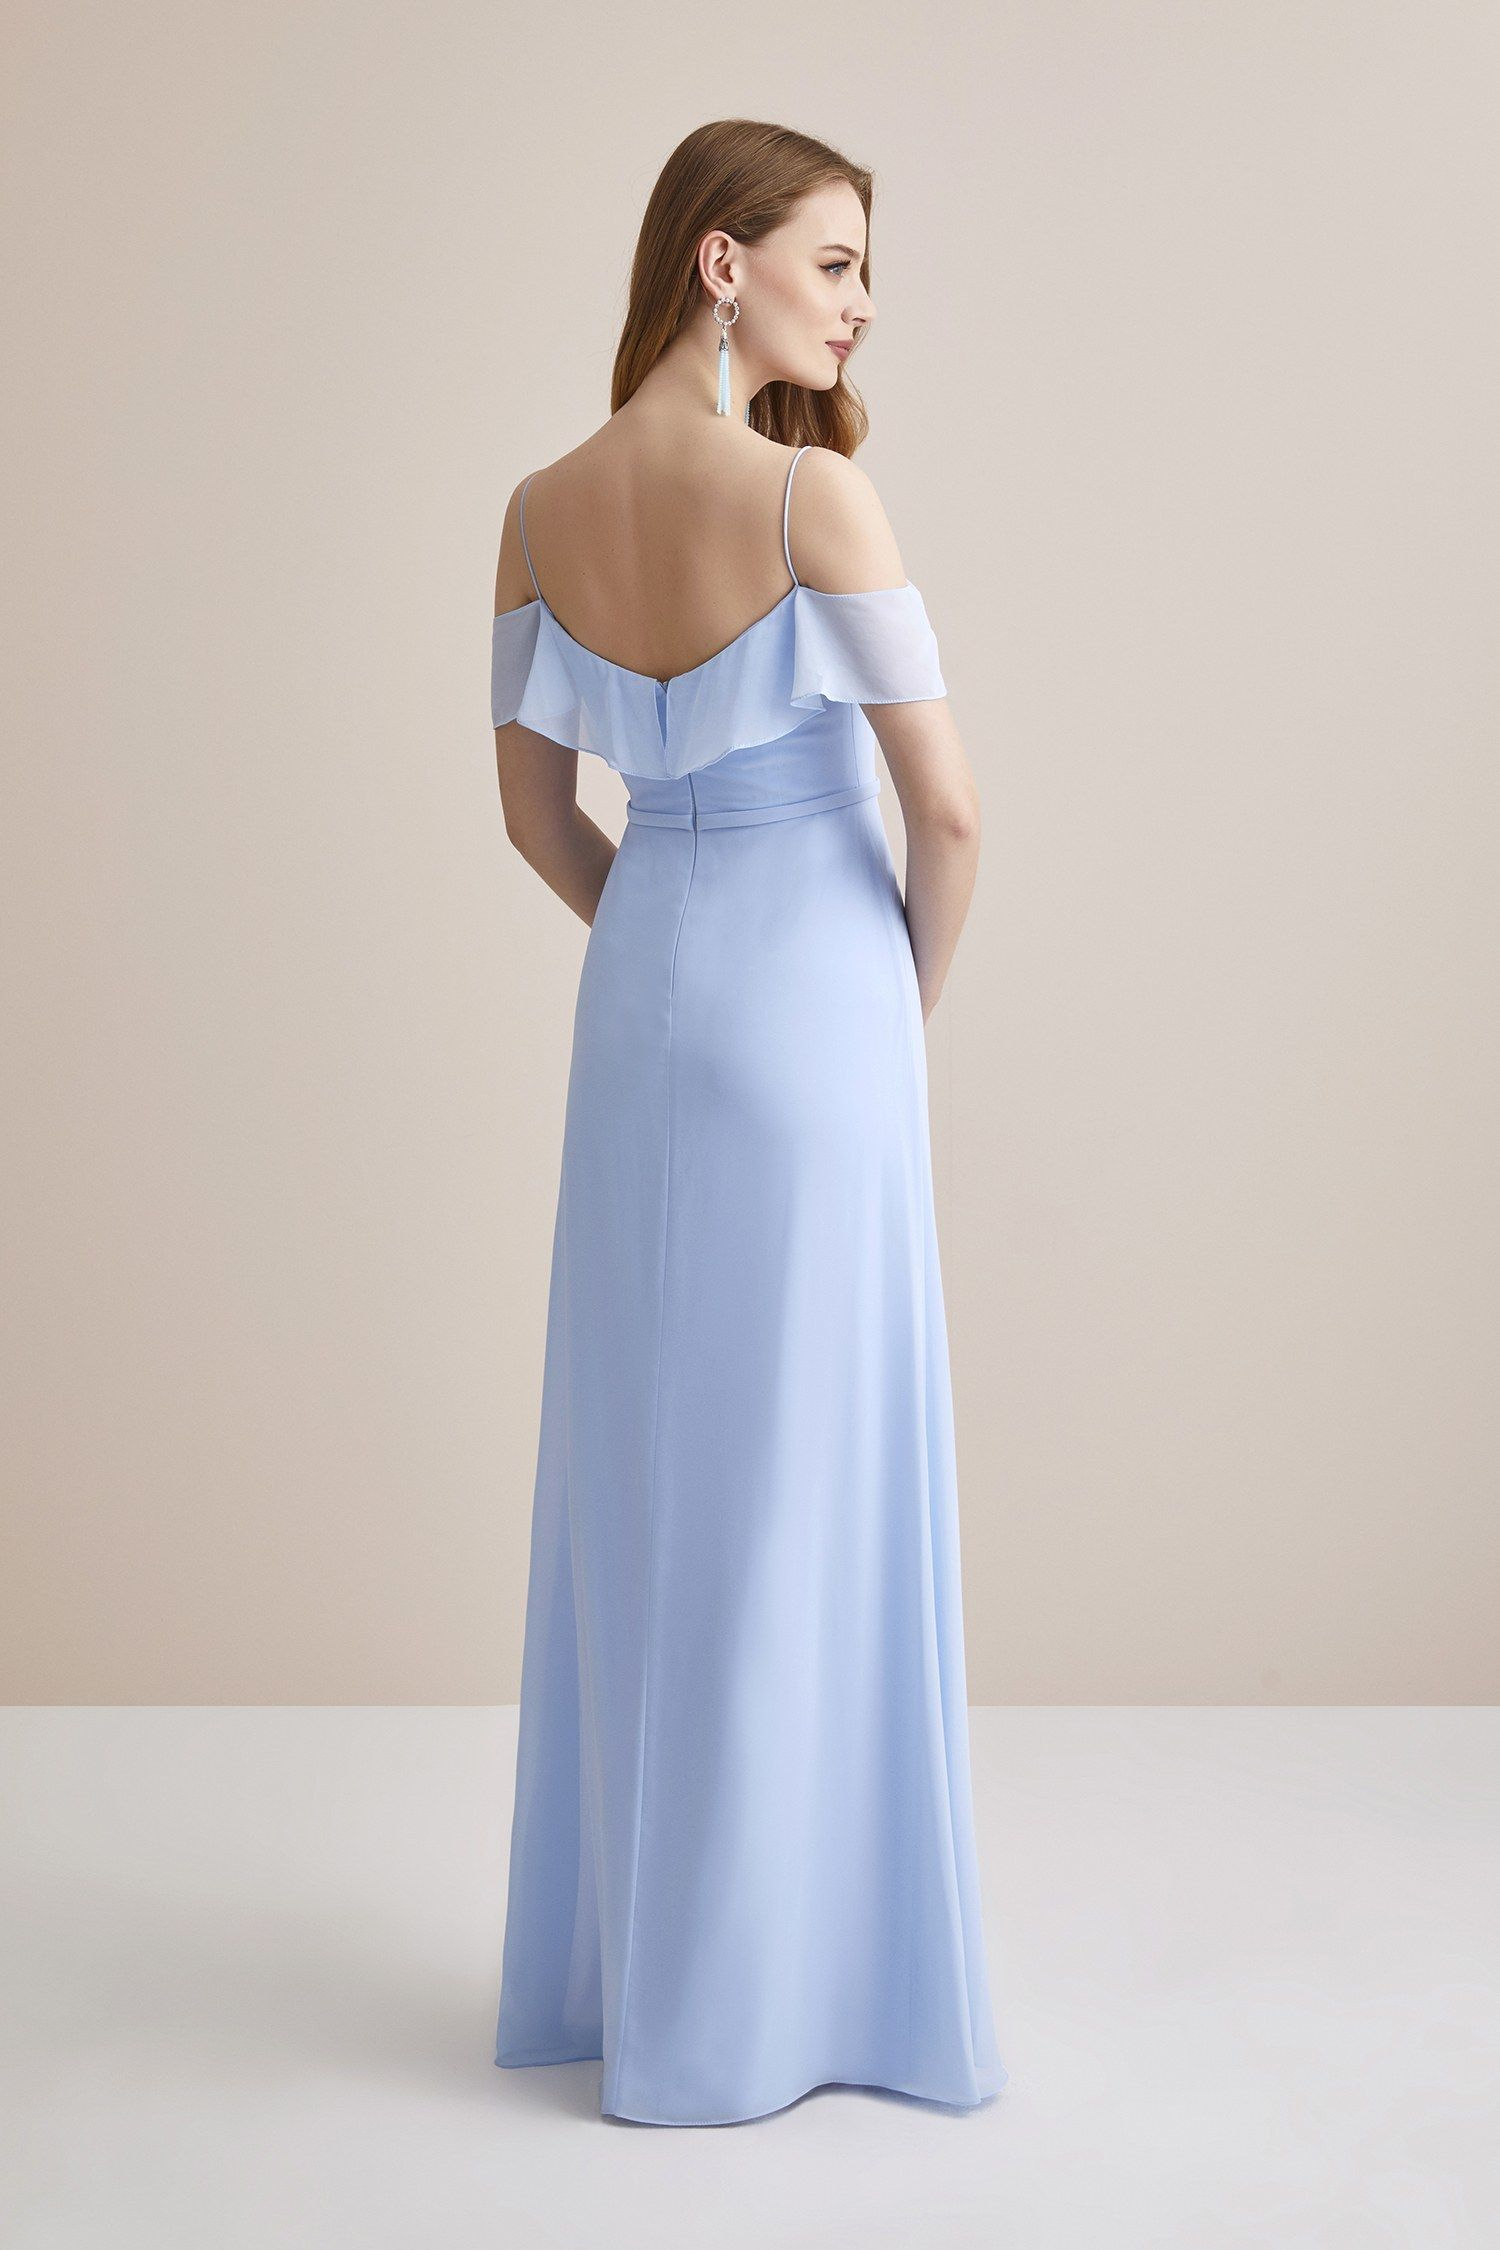 Buz Mavisi Ince Askili Sifon Uzun Abiye Elbise Oleg Cassini Uzun Elbise Elbise The Dress